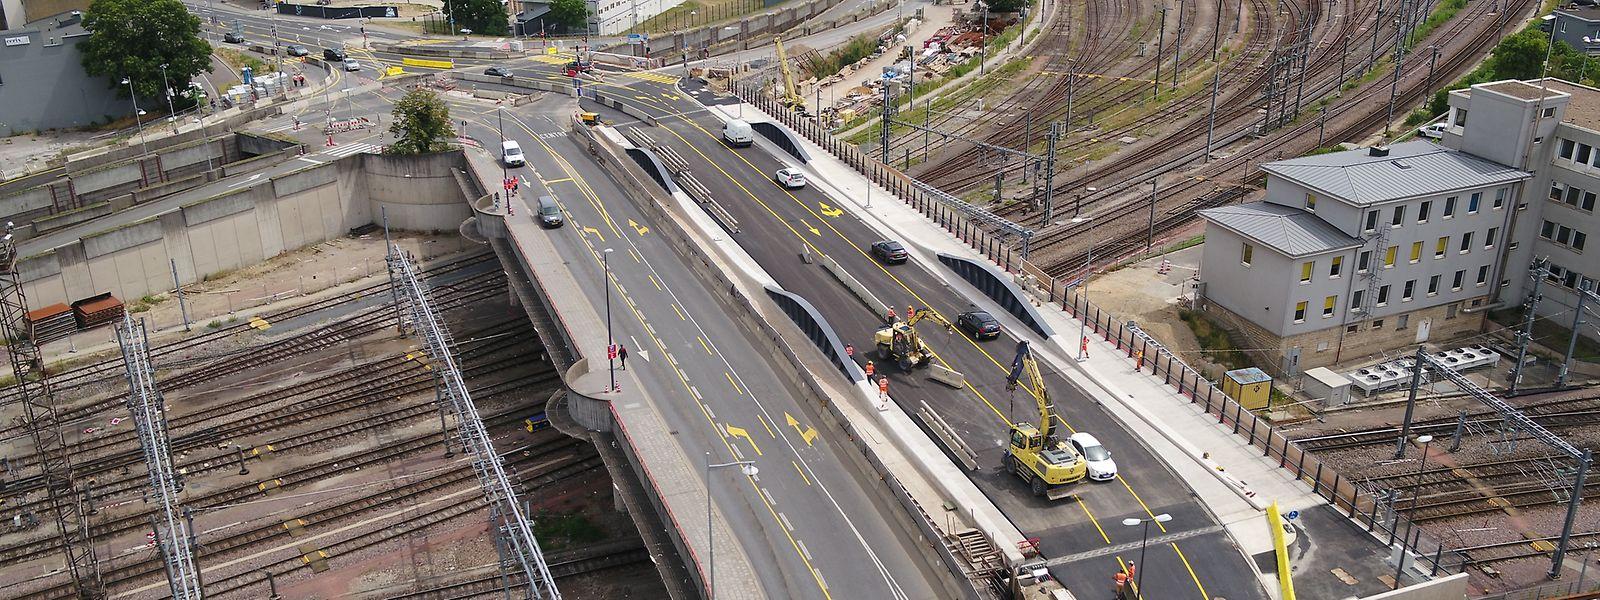 C'est maintenant la partie côté gare du pont qui va faire l'objet d'une transformation majeure (à gauche sur la photo).